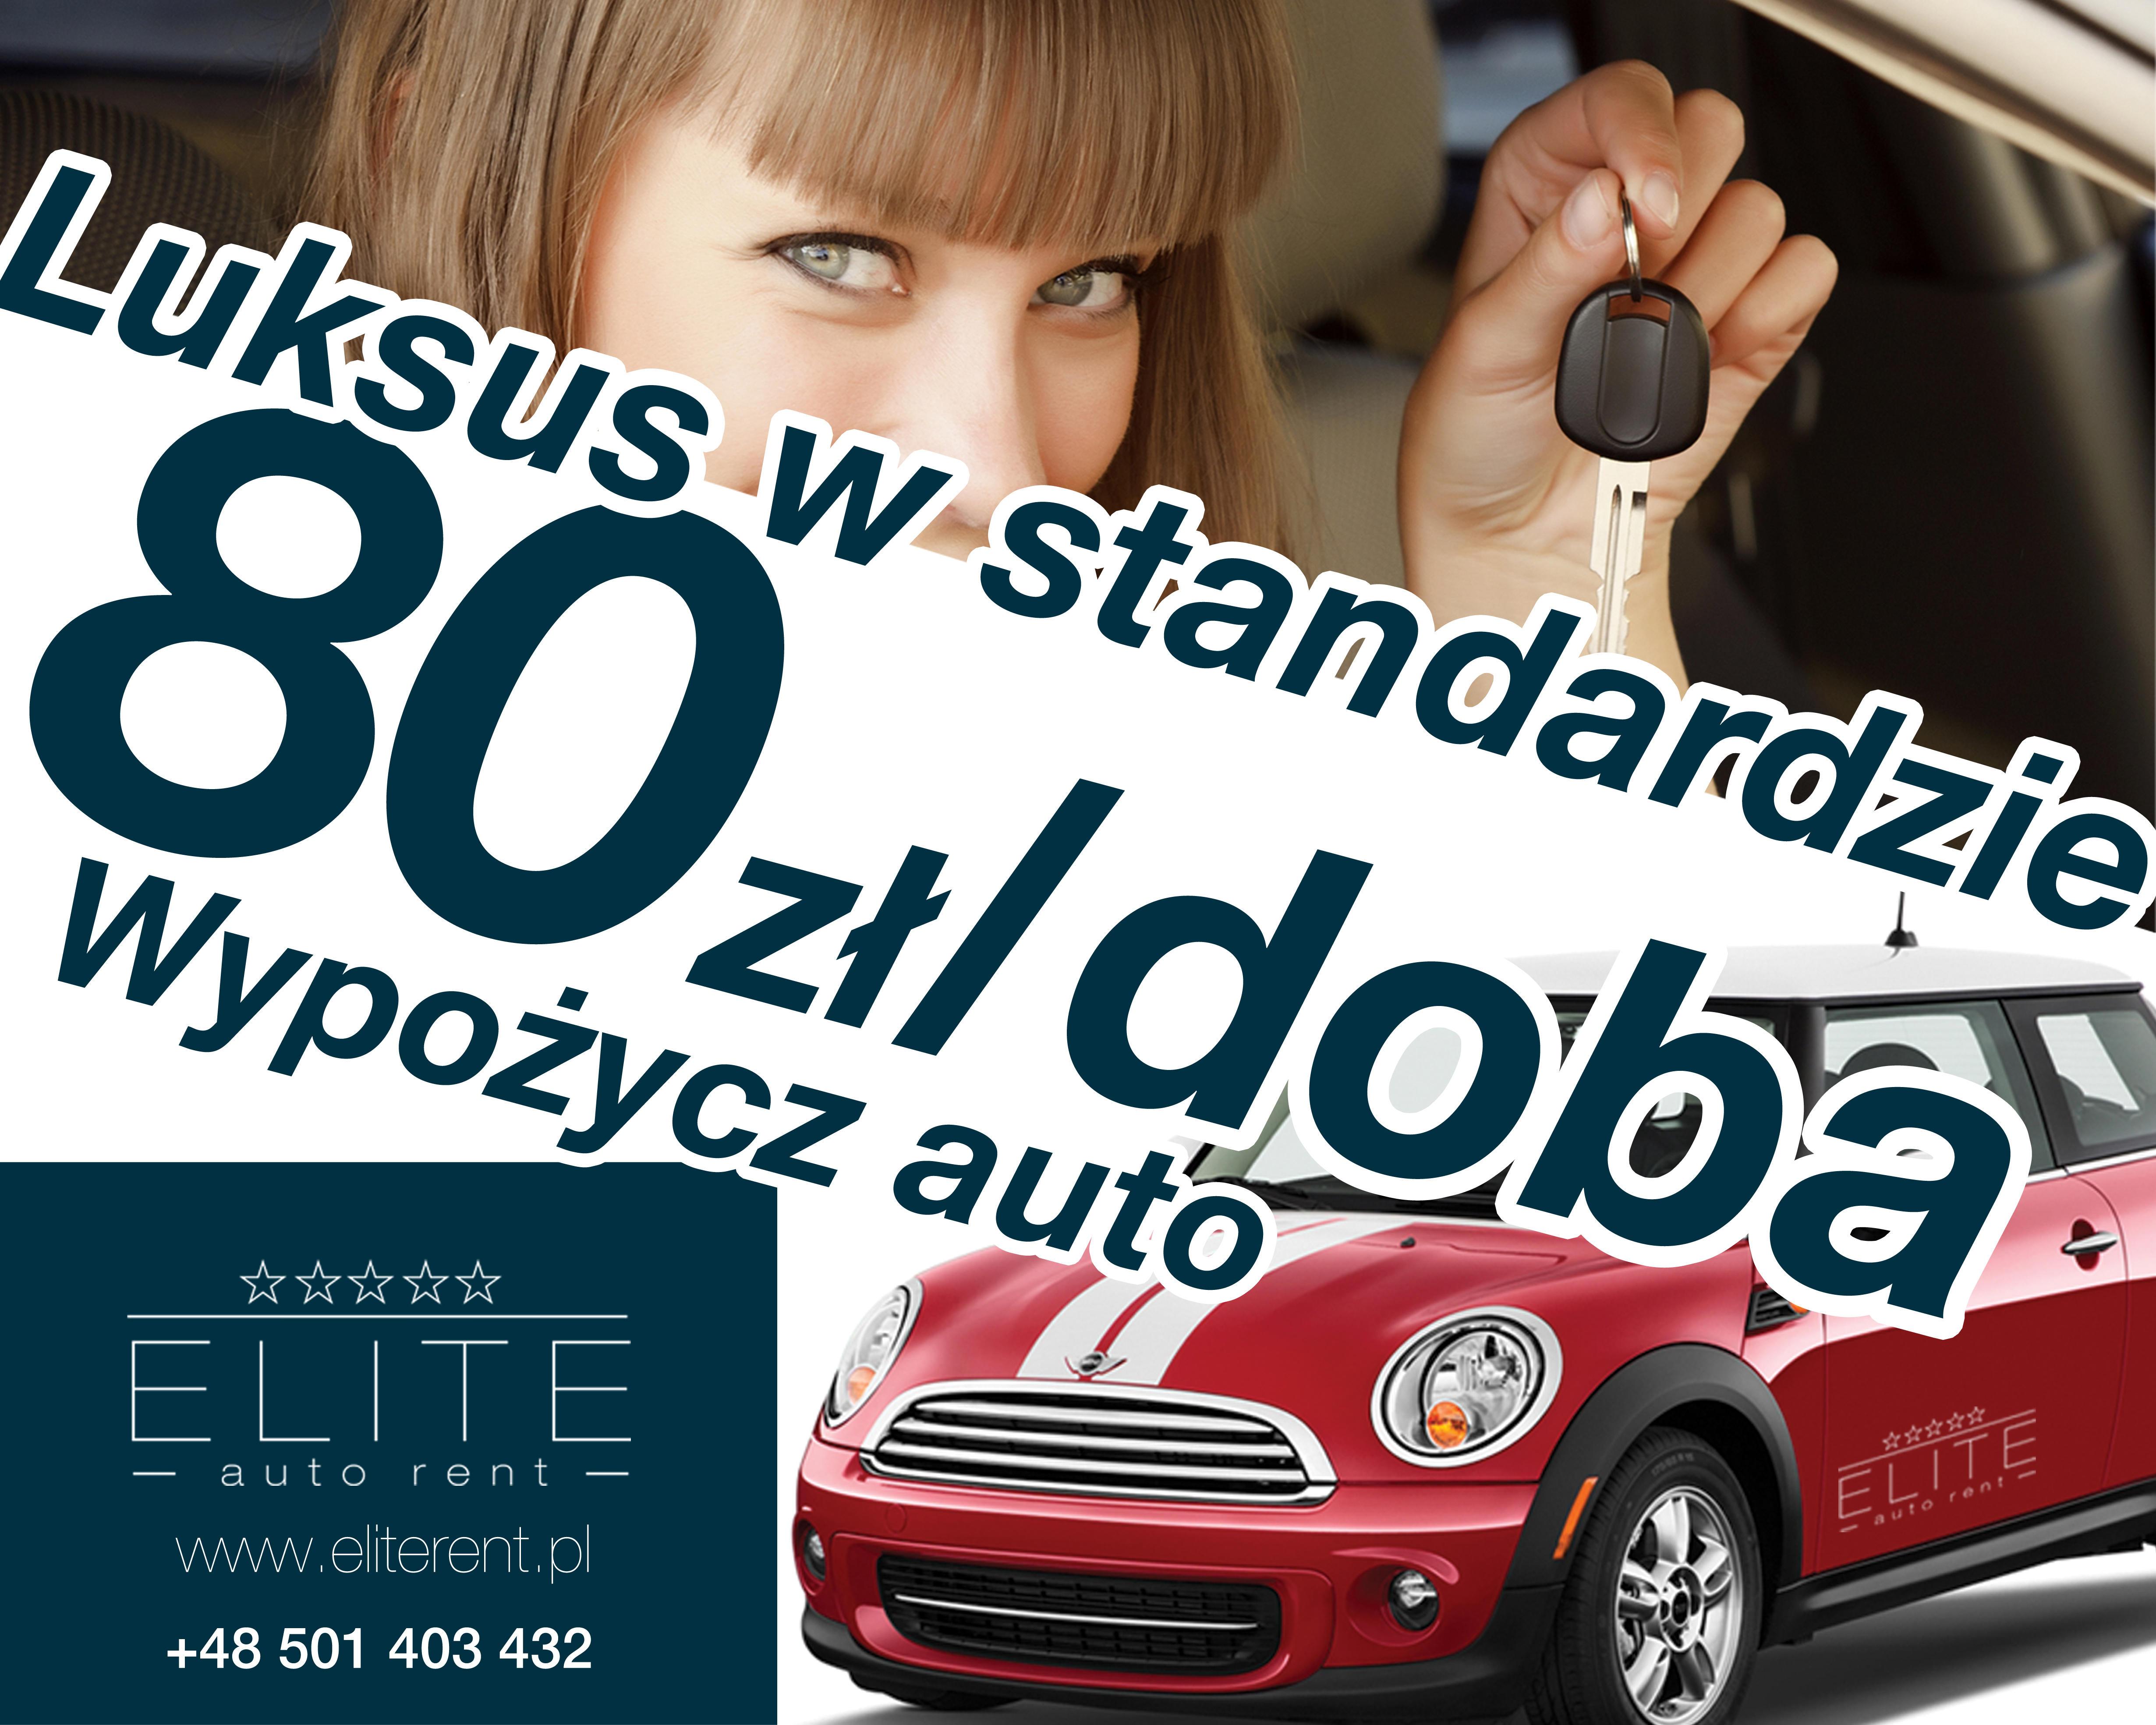 Elite Auto Rent Sp. z o.o.